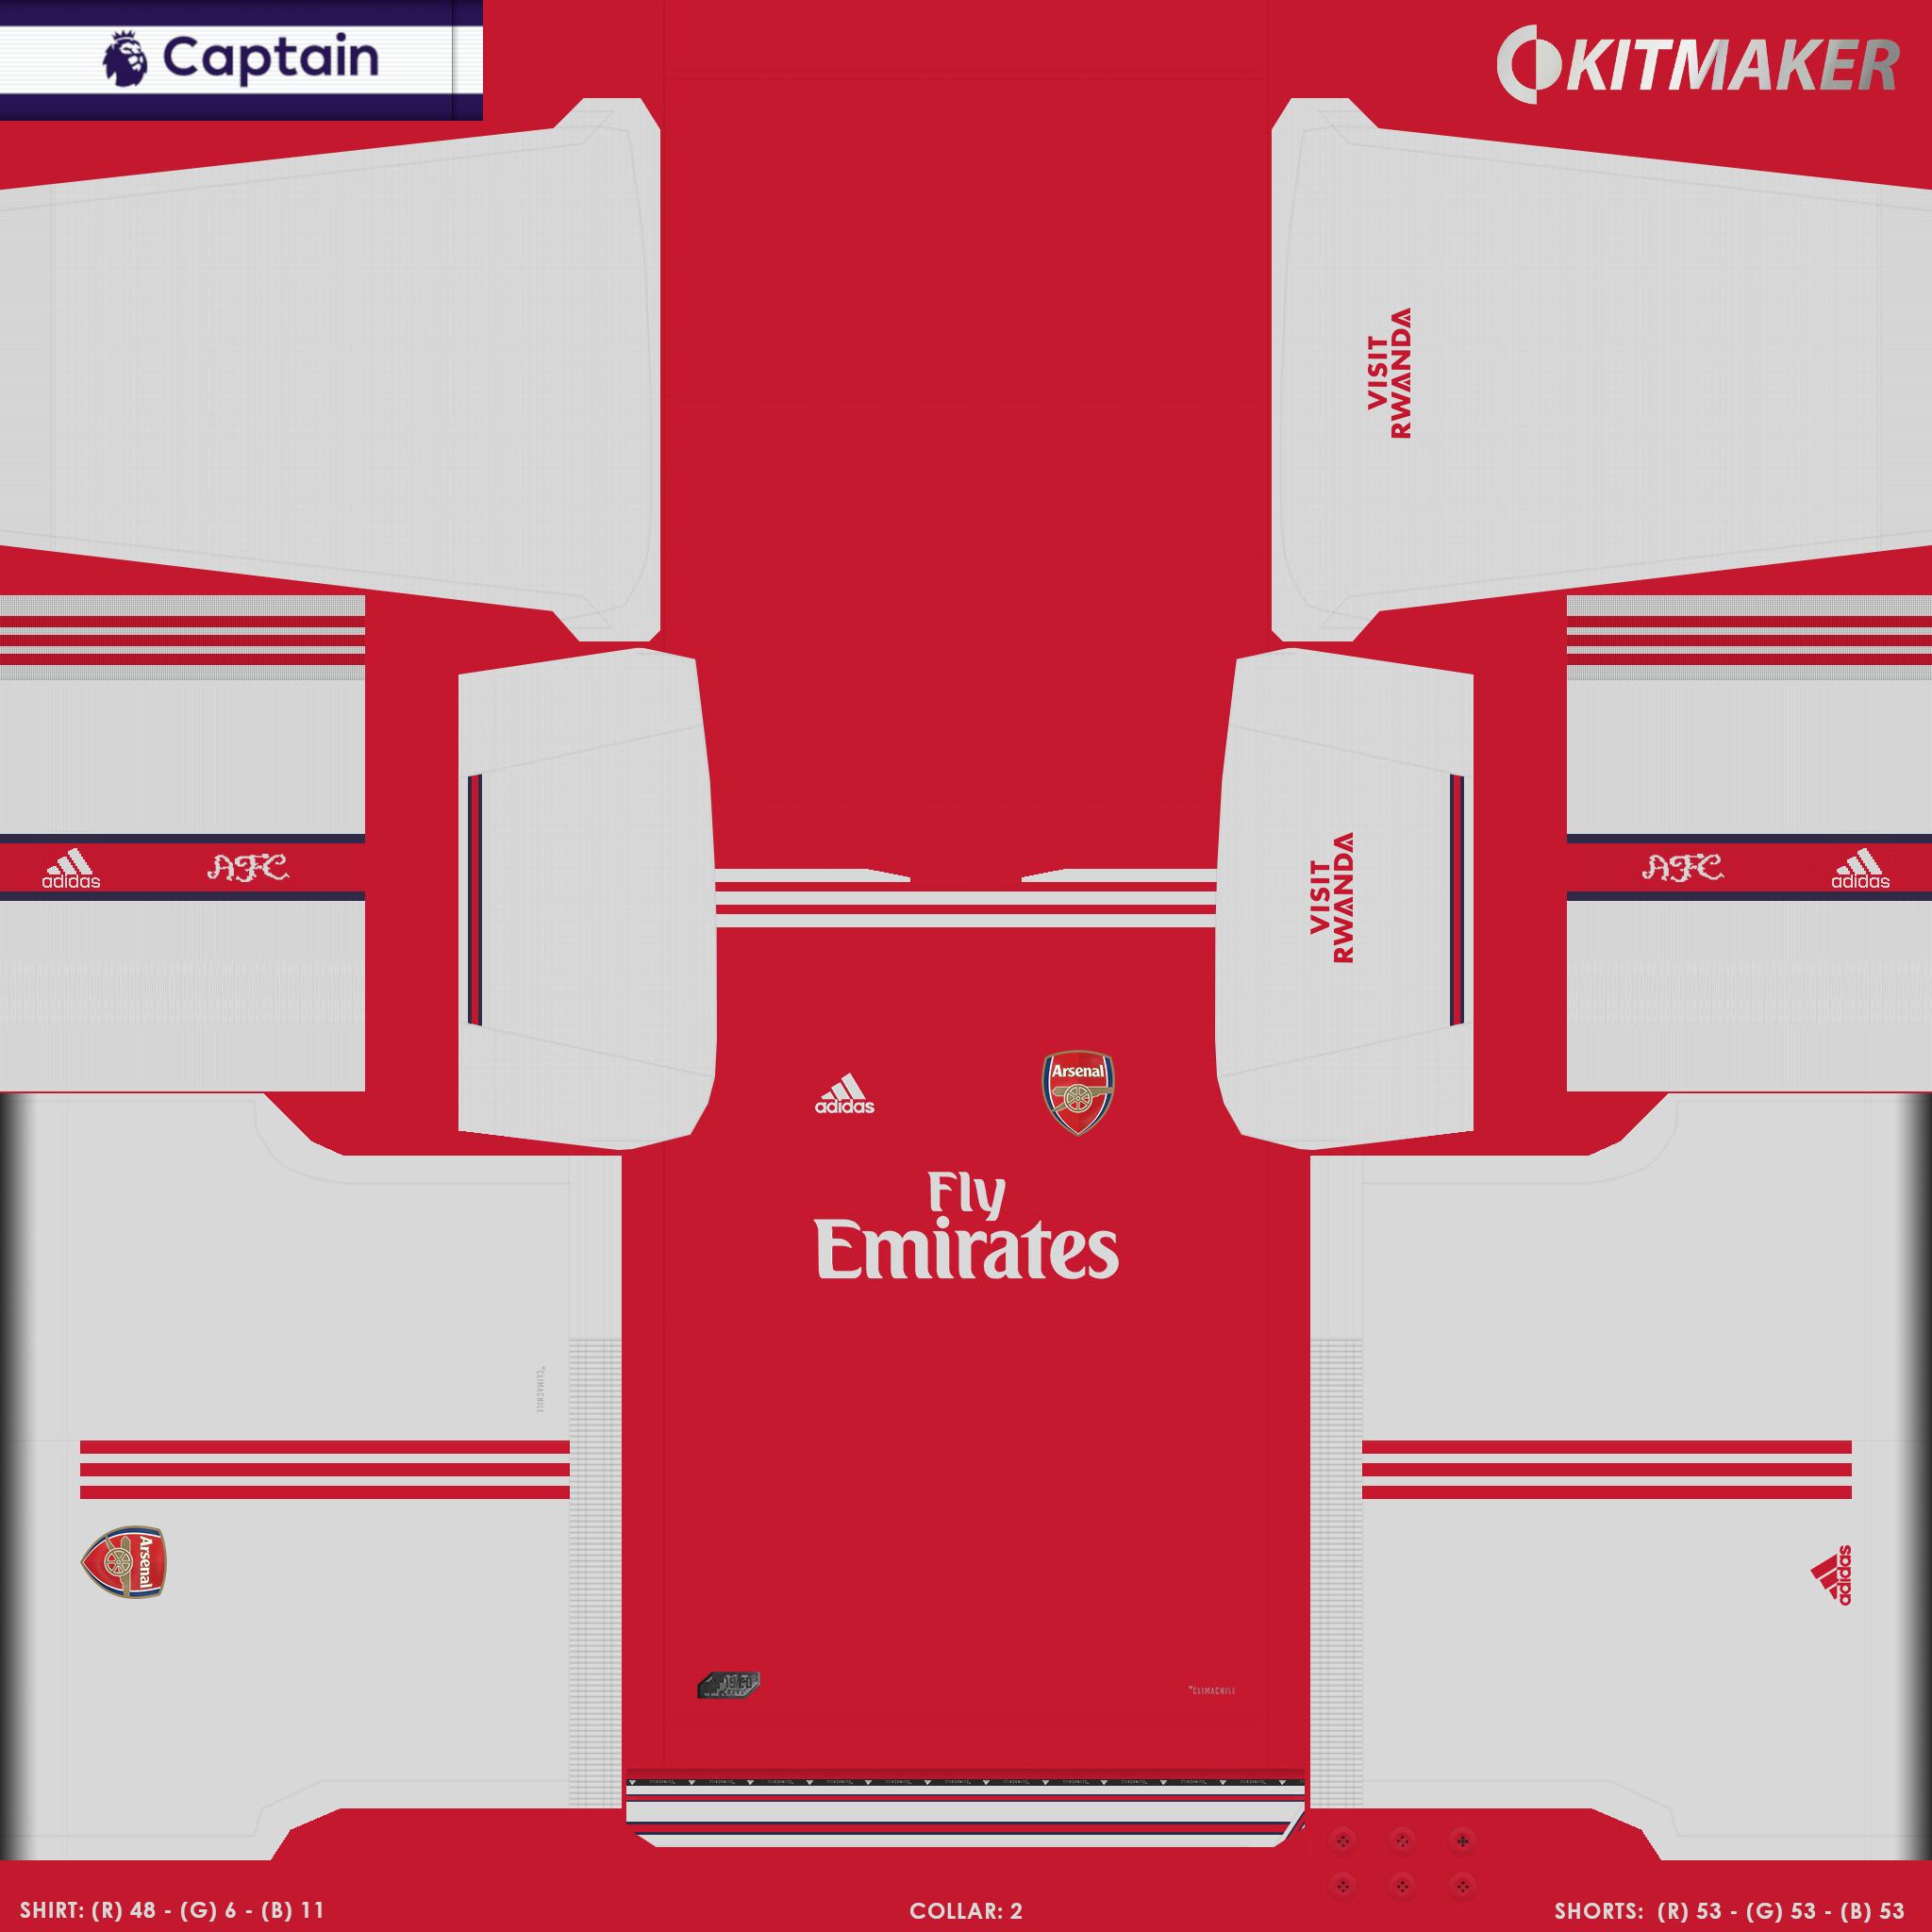 ENG 1 ARS 1 PES Premier League Kits Pack 2019 2020